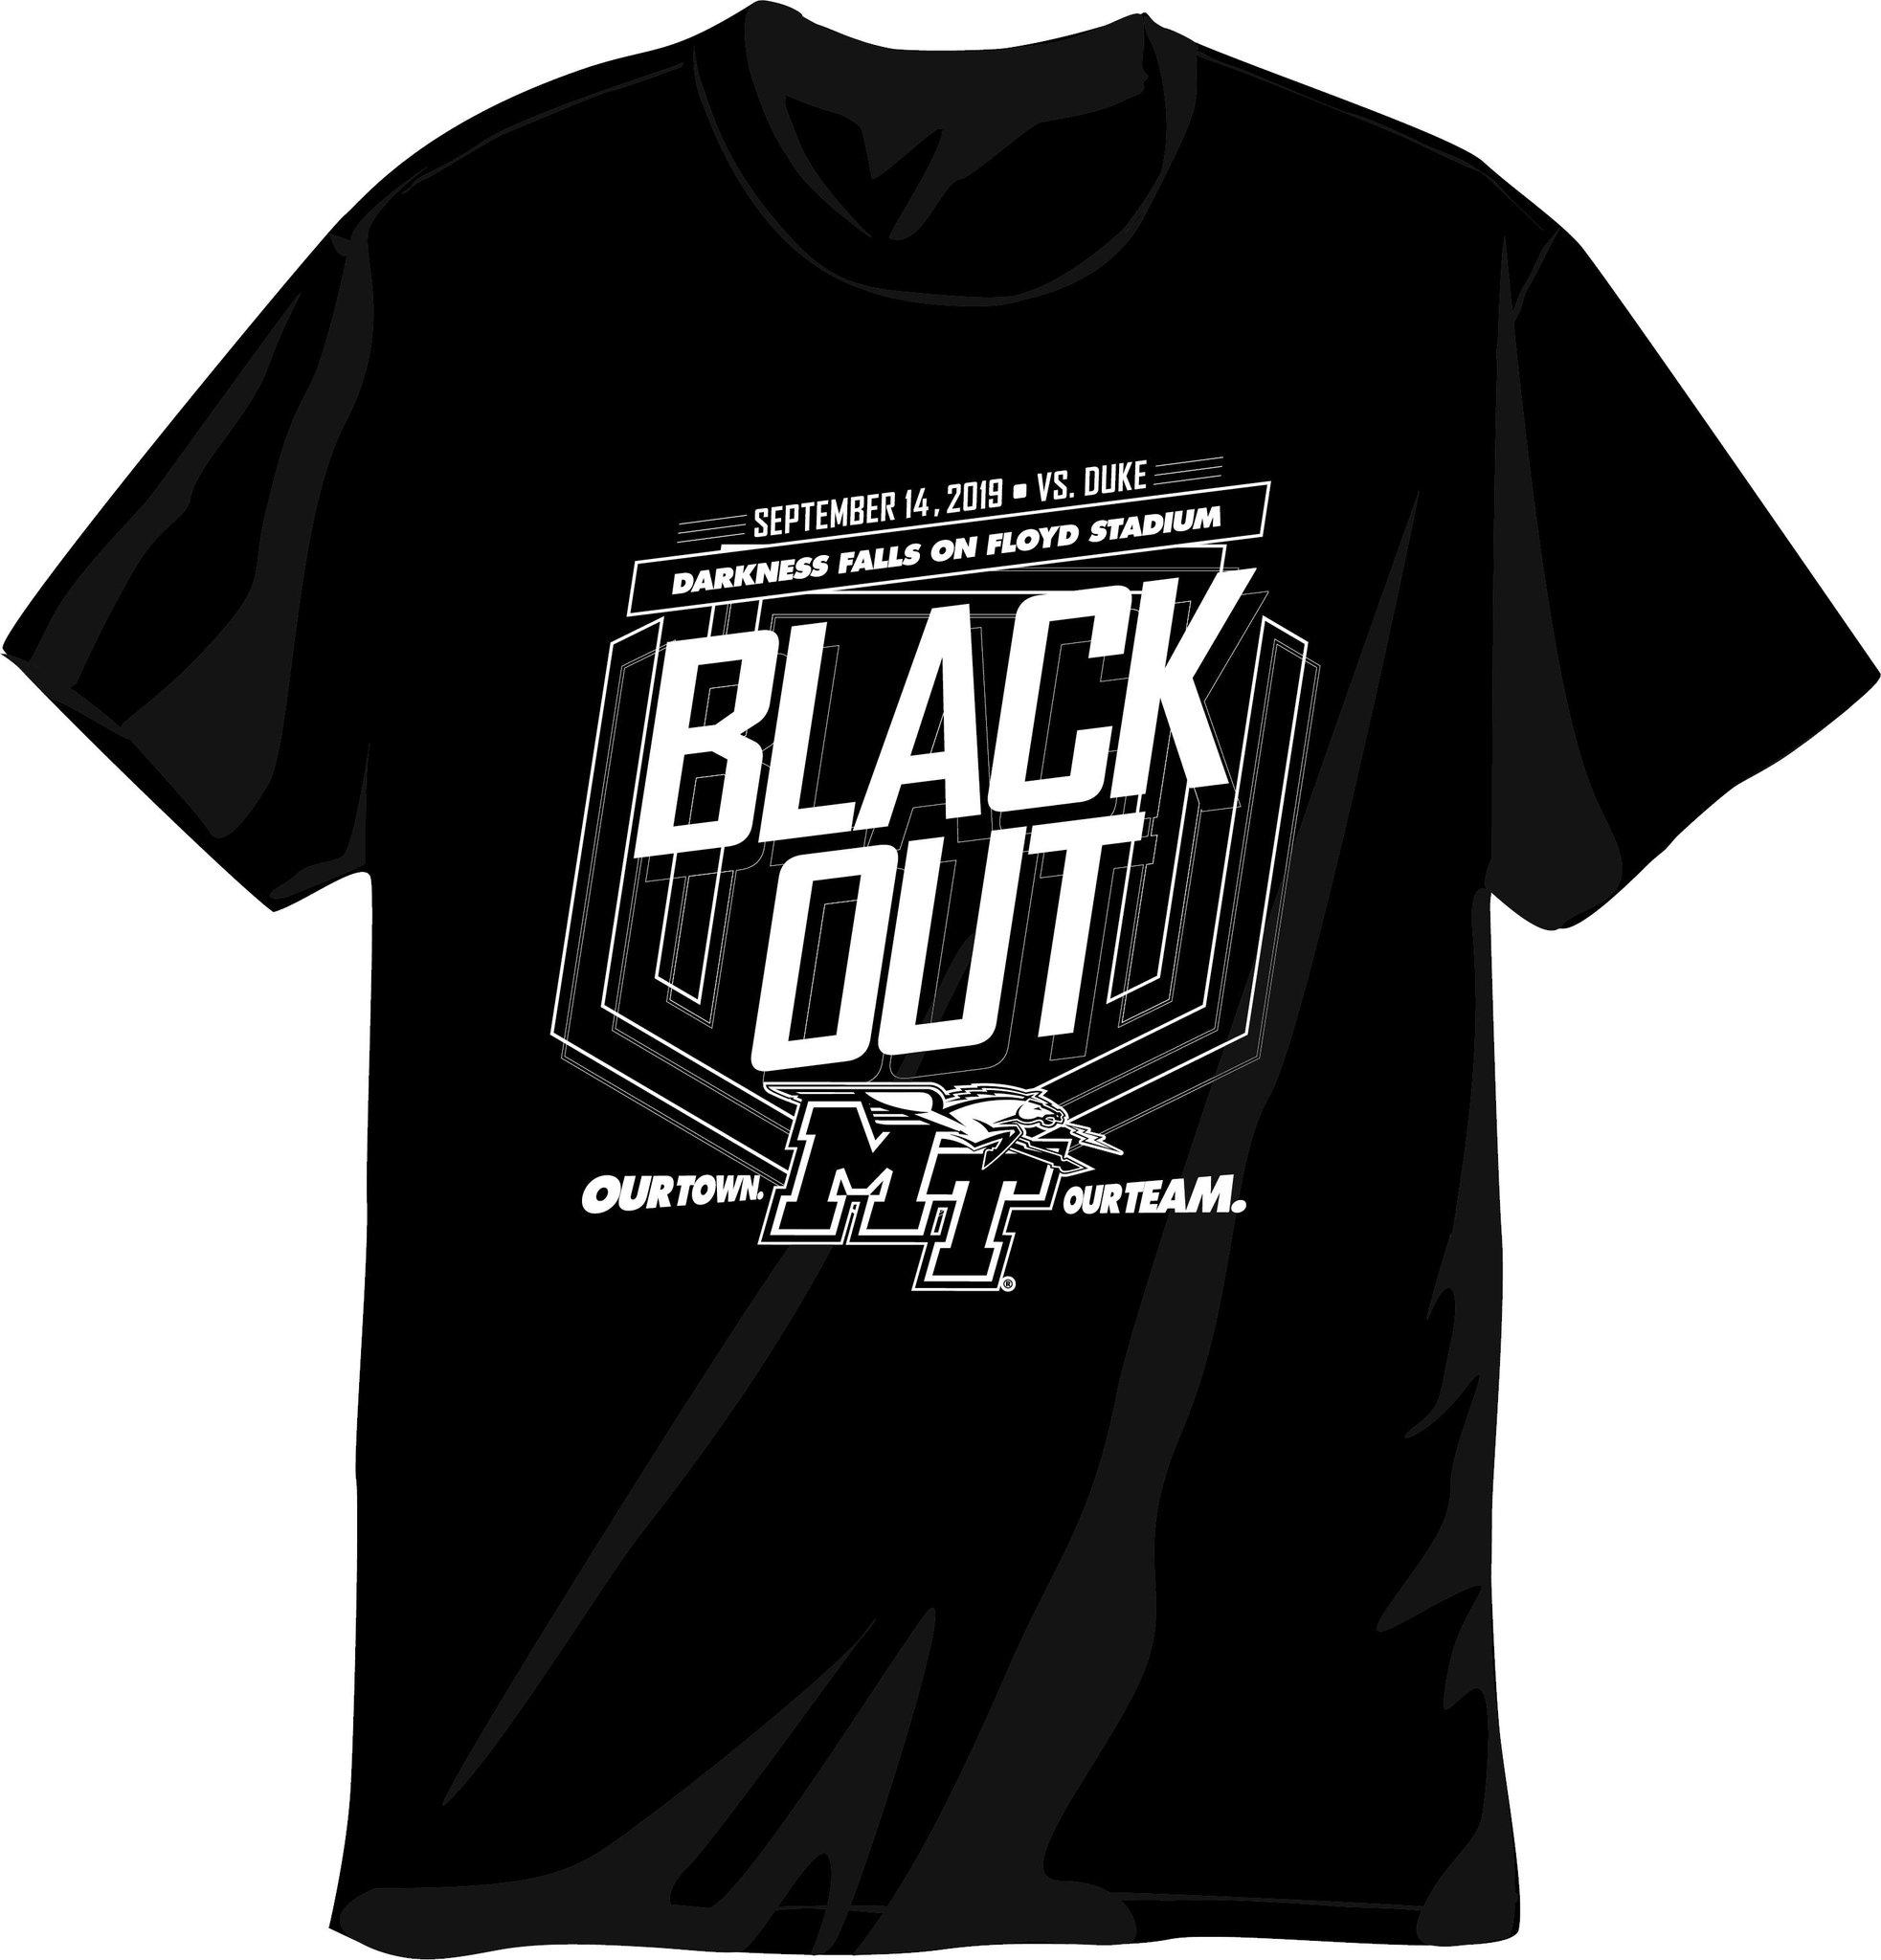 MTSU vs. Duke 2019 Blackout Tshirt